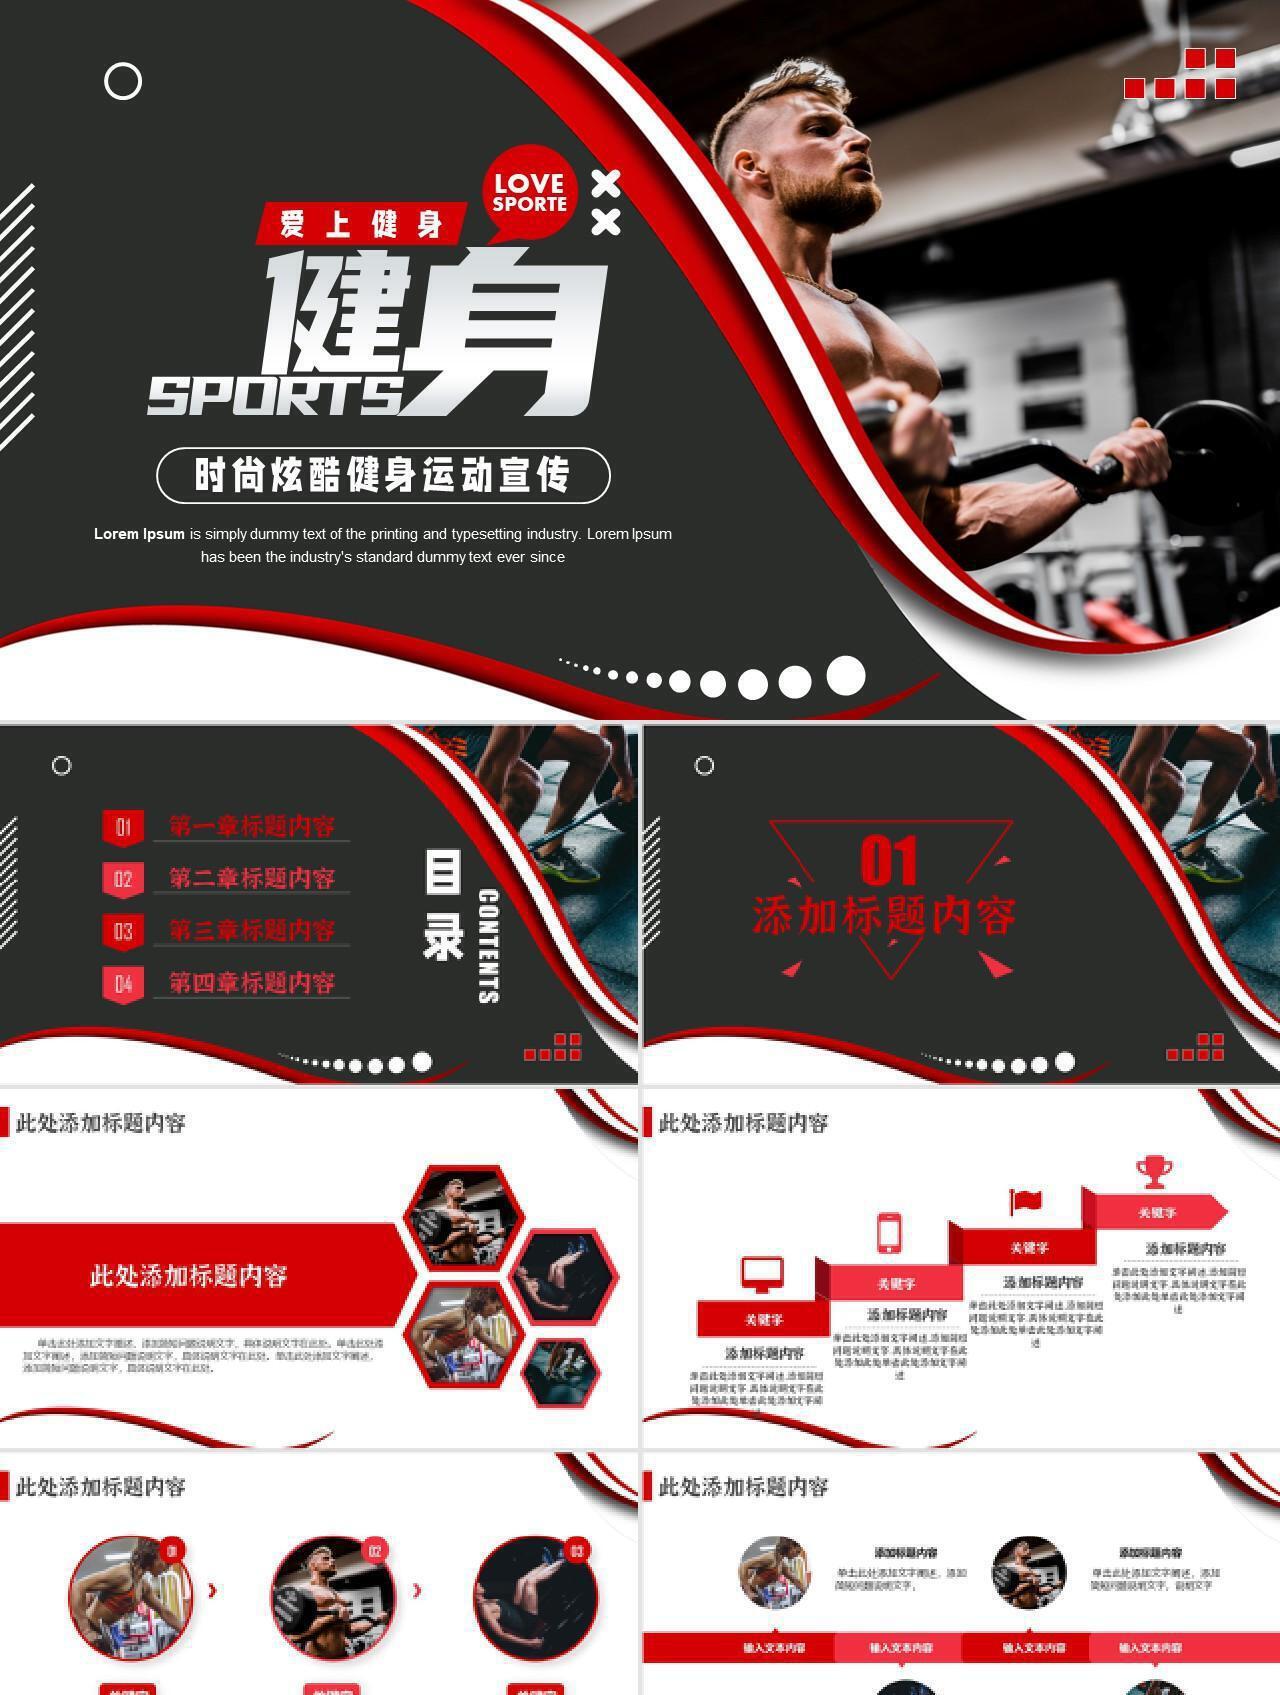 红色时尚炫酷健身运动营销PPT模板